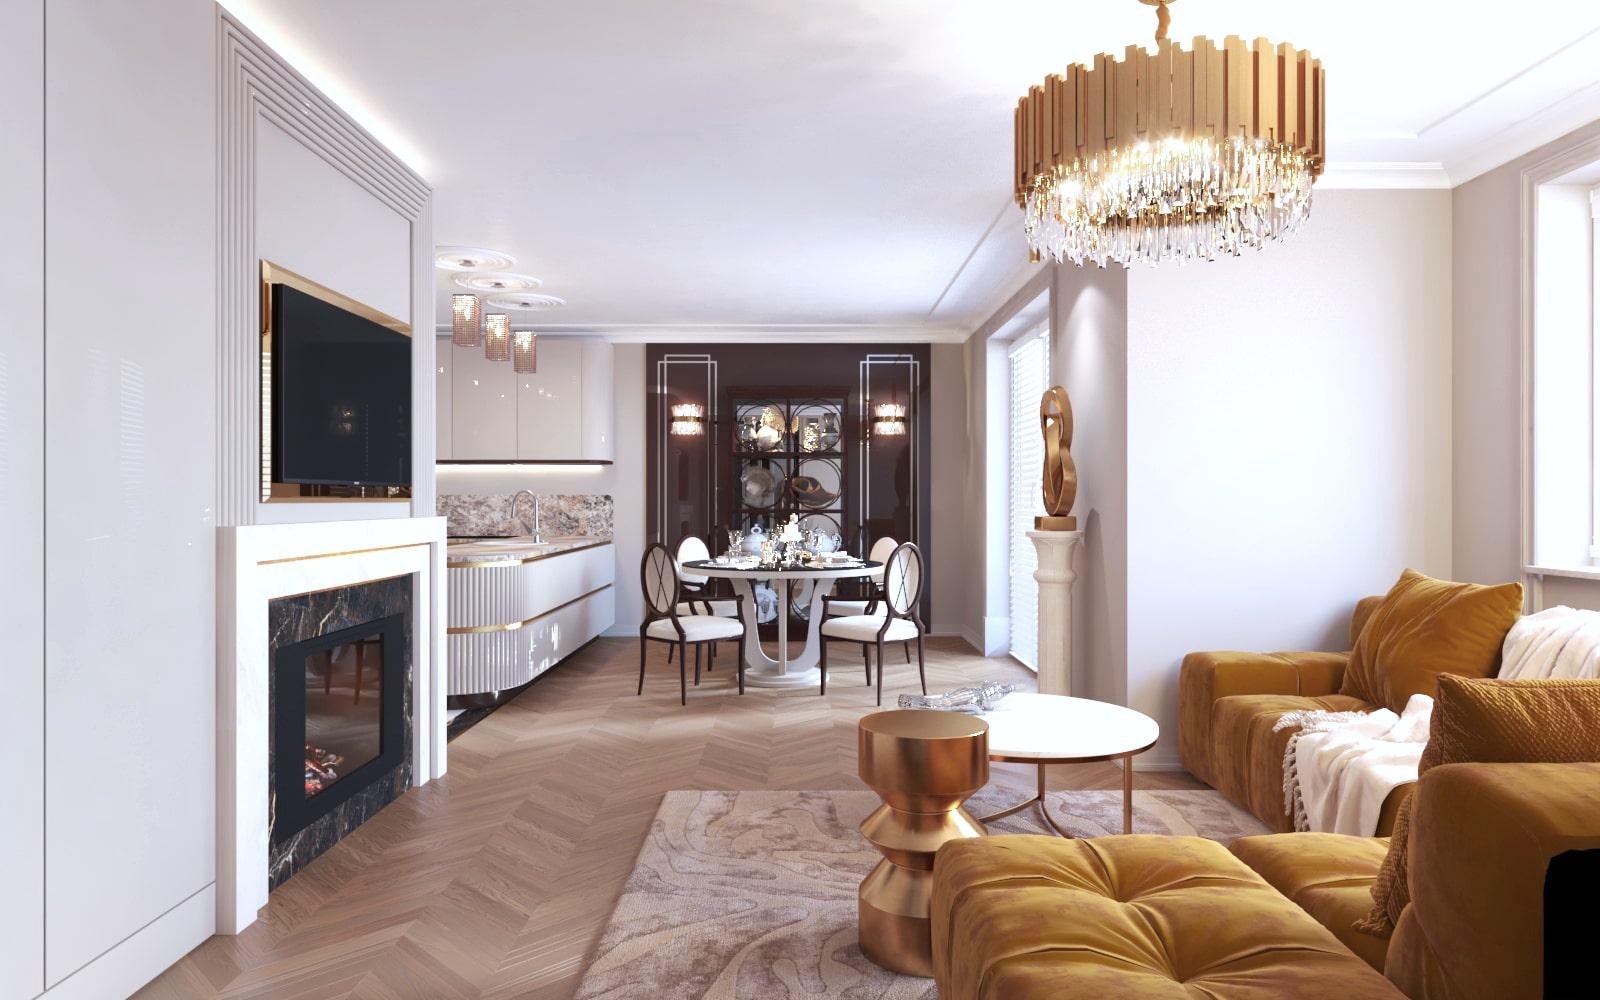 Salon połączony z kuchnią - Projekt wnętrza wykonany przez architektów z Krakowa.